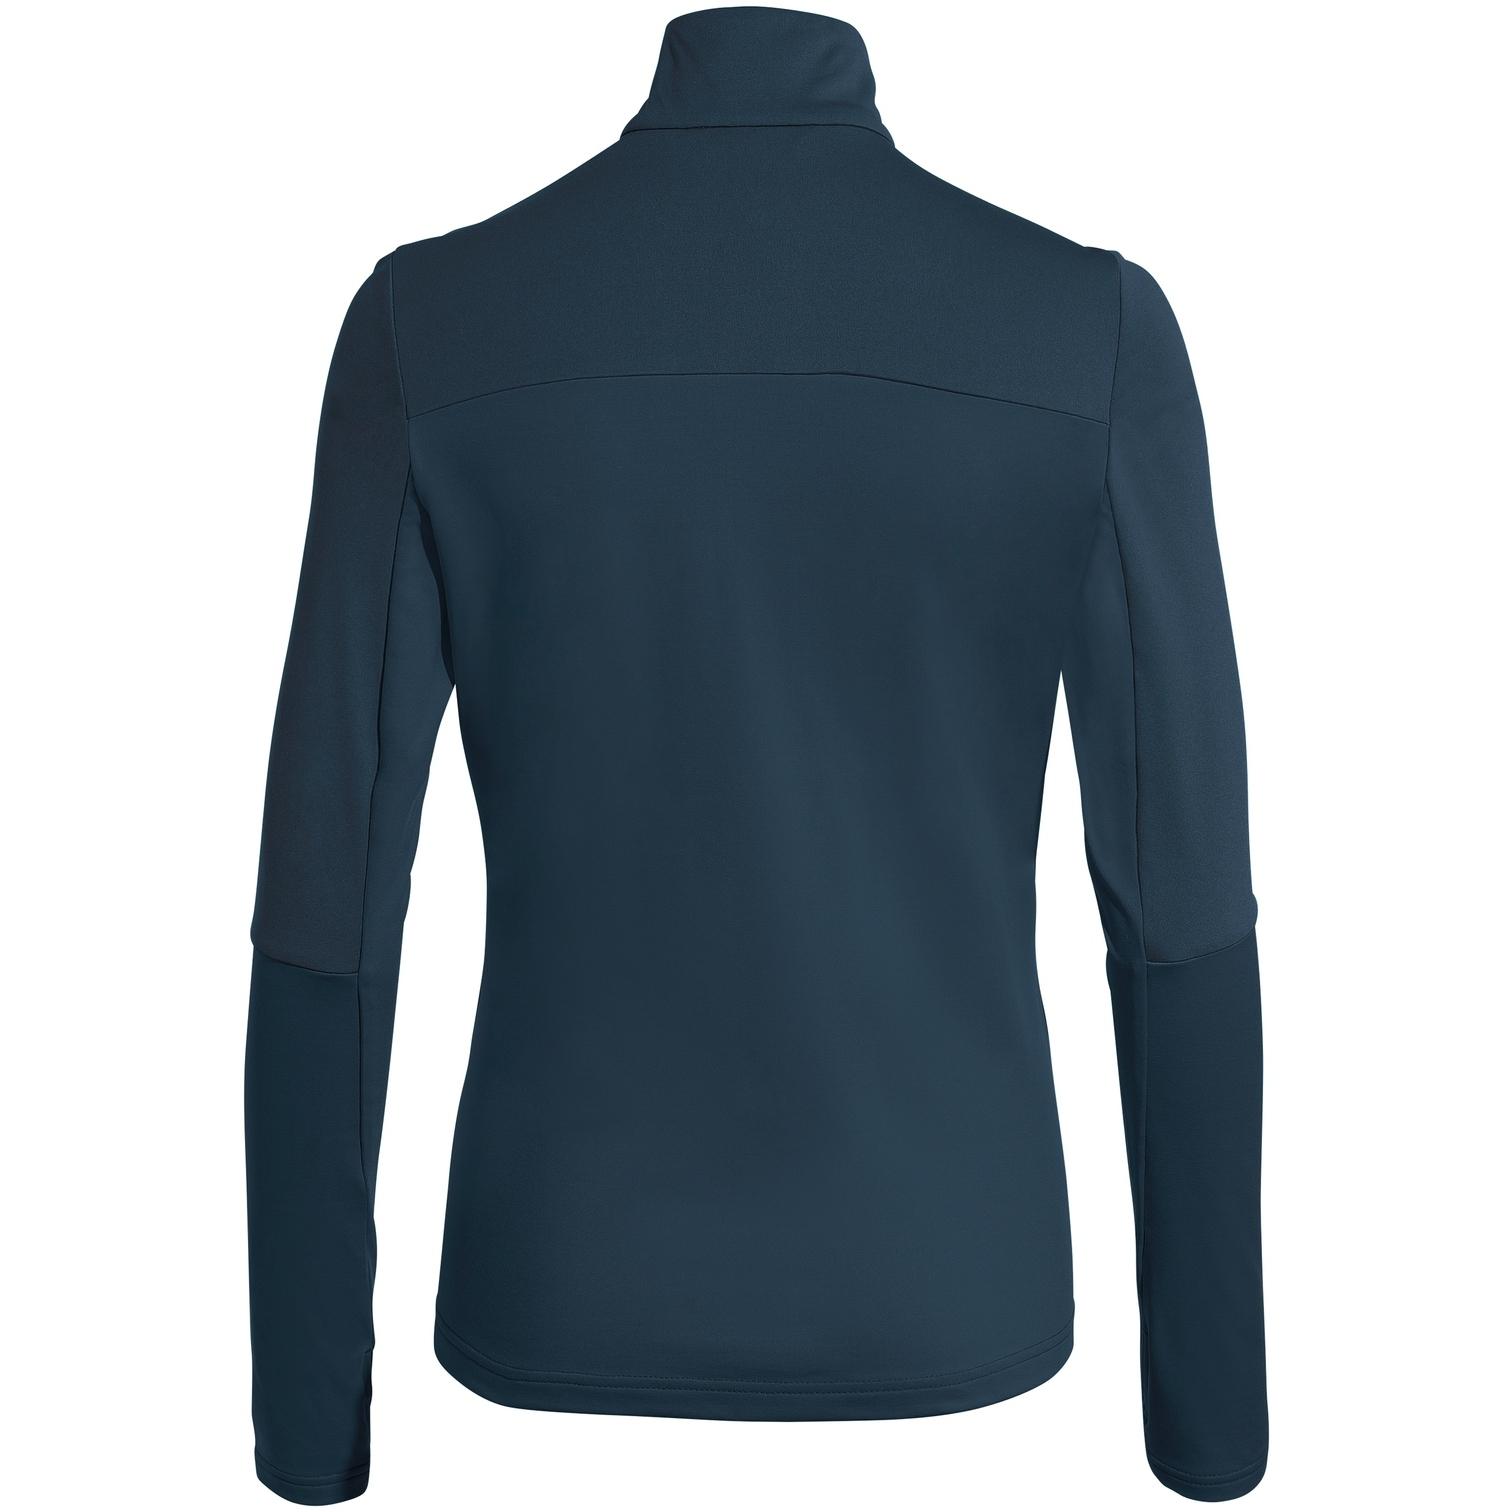 Bild von Vaude Livigno Halfzip II Damen Shirt - dark sea